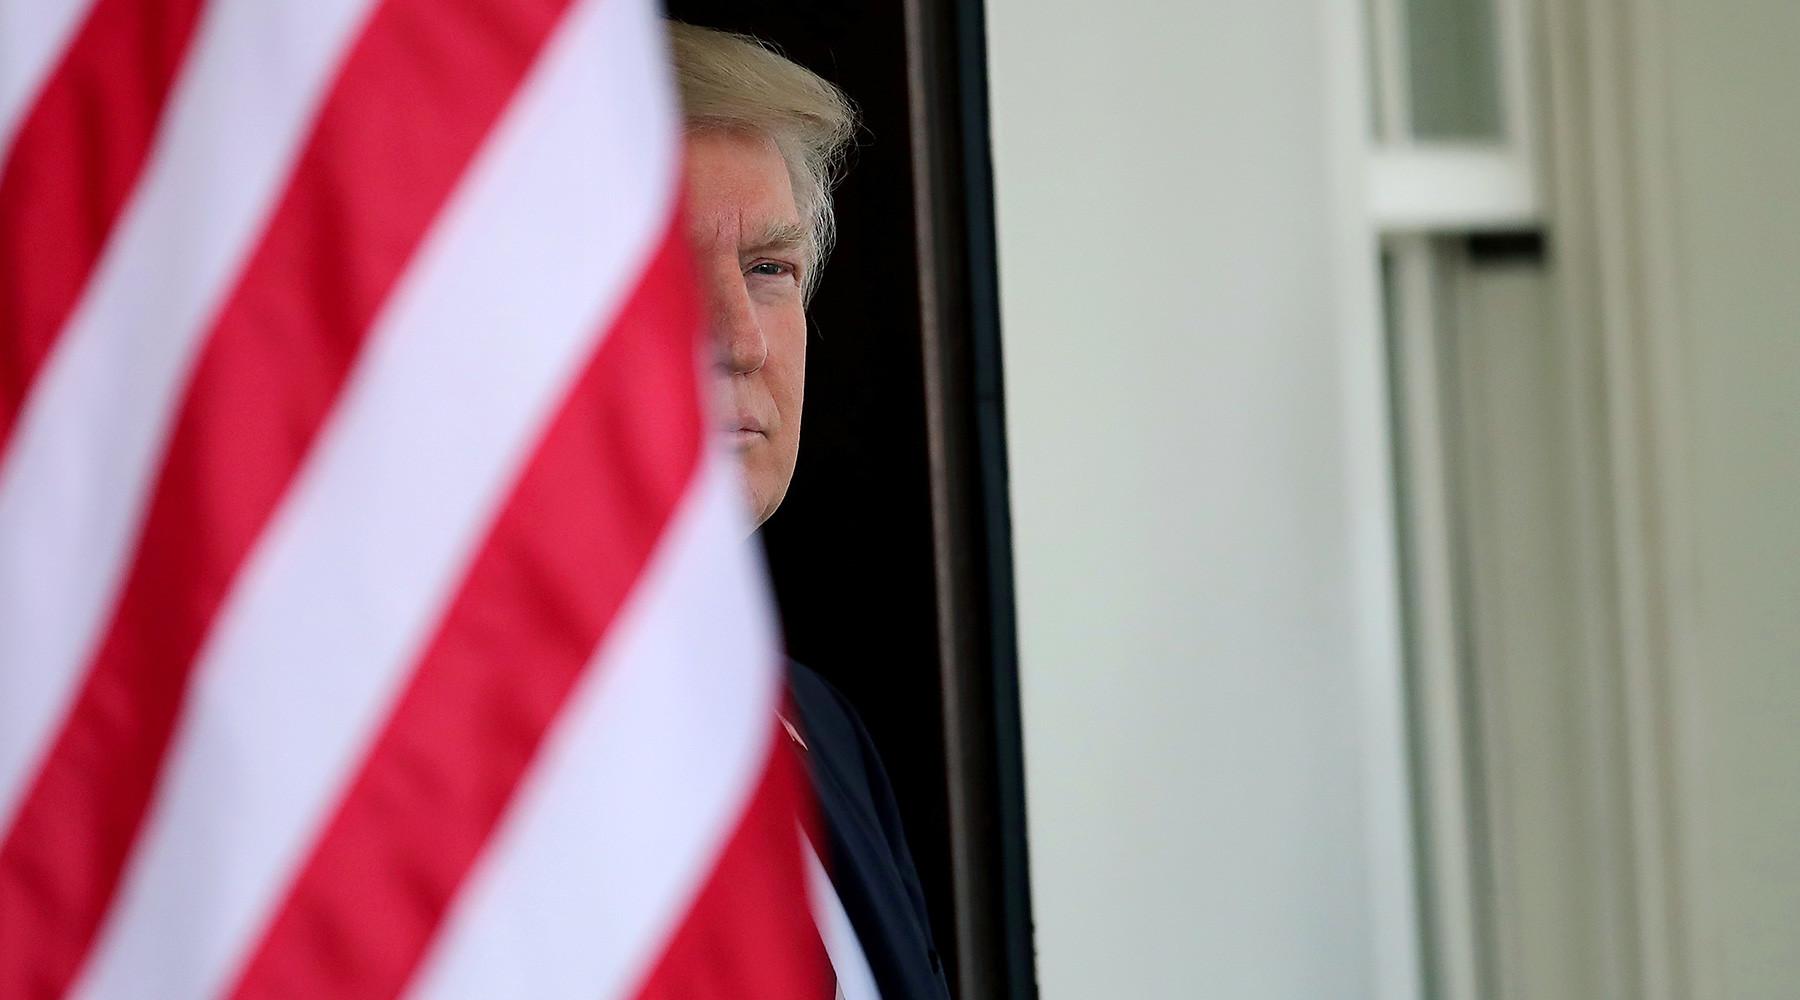 Трампа могут обязать отчитываться о секретных разговорах с зарубежными странами